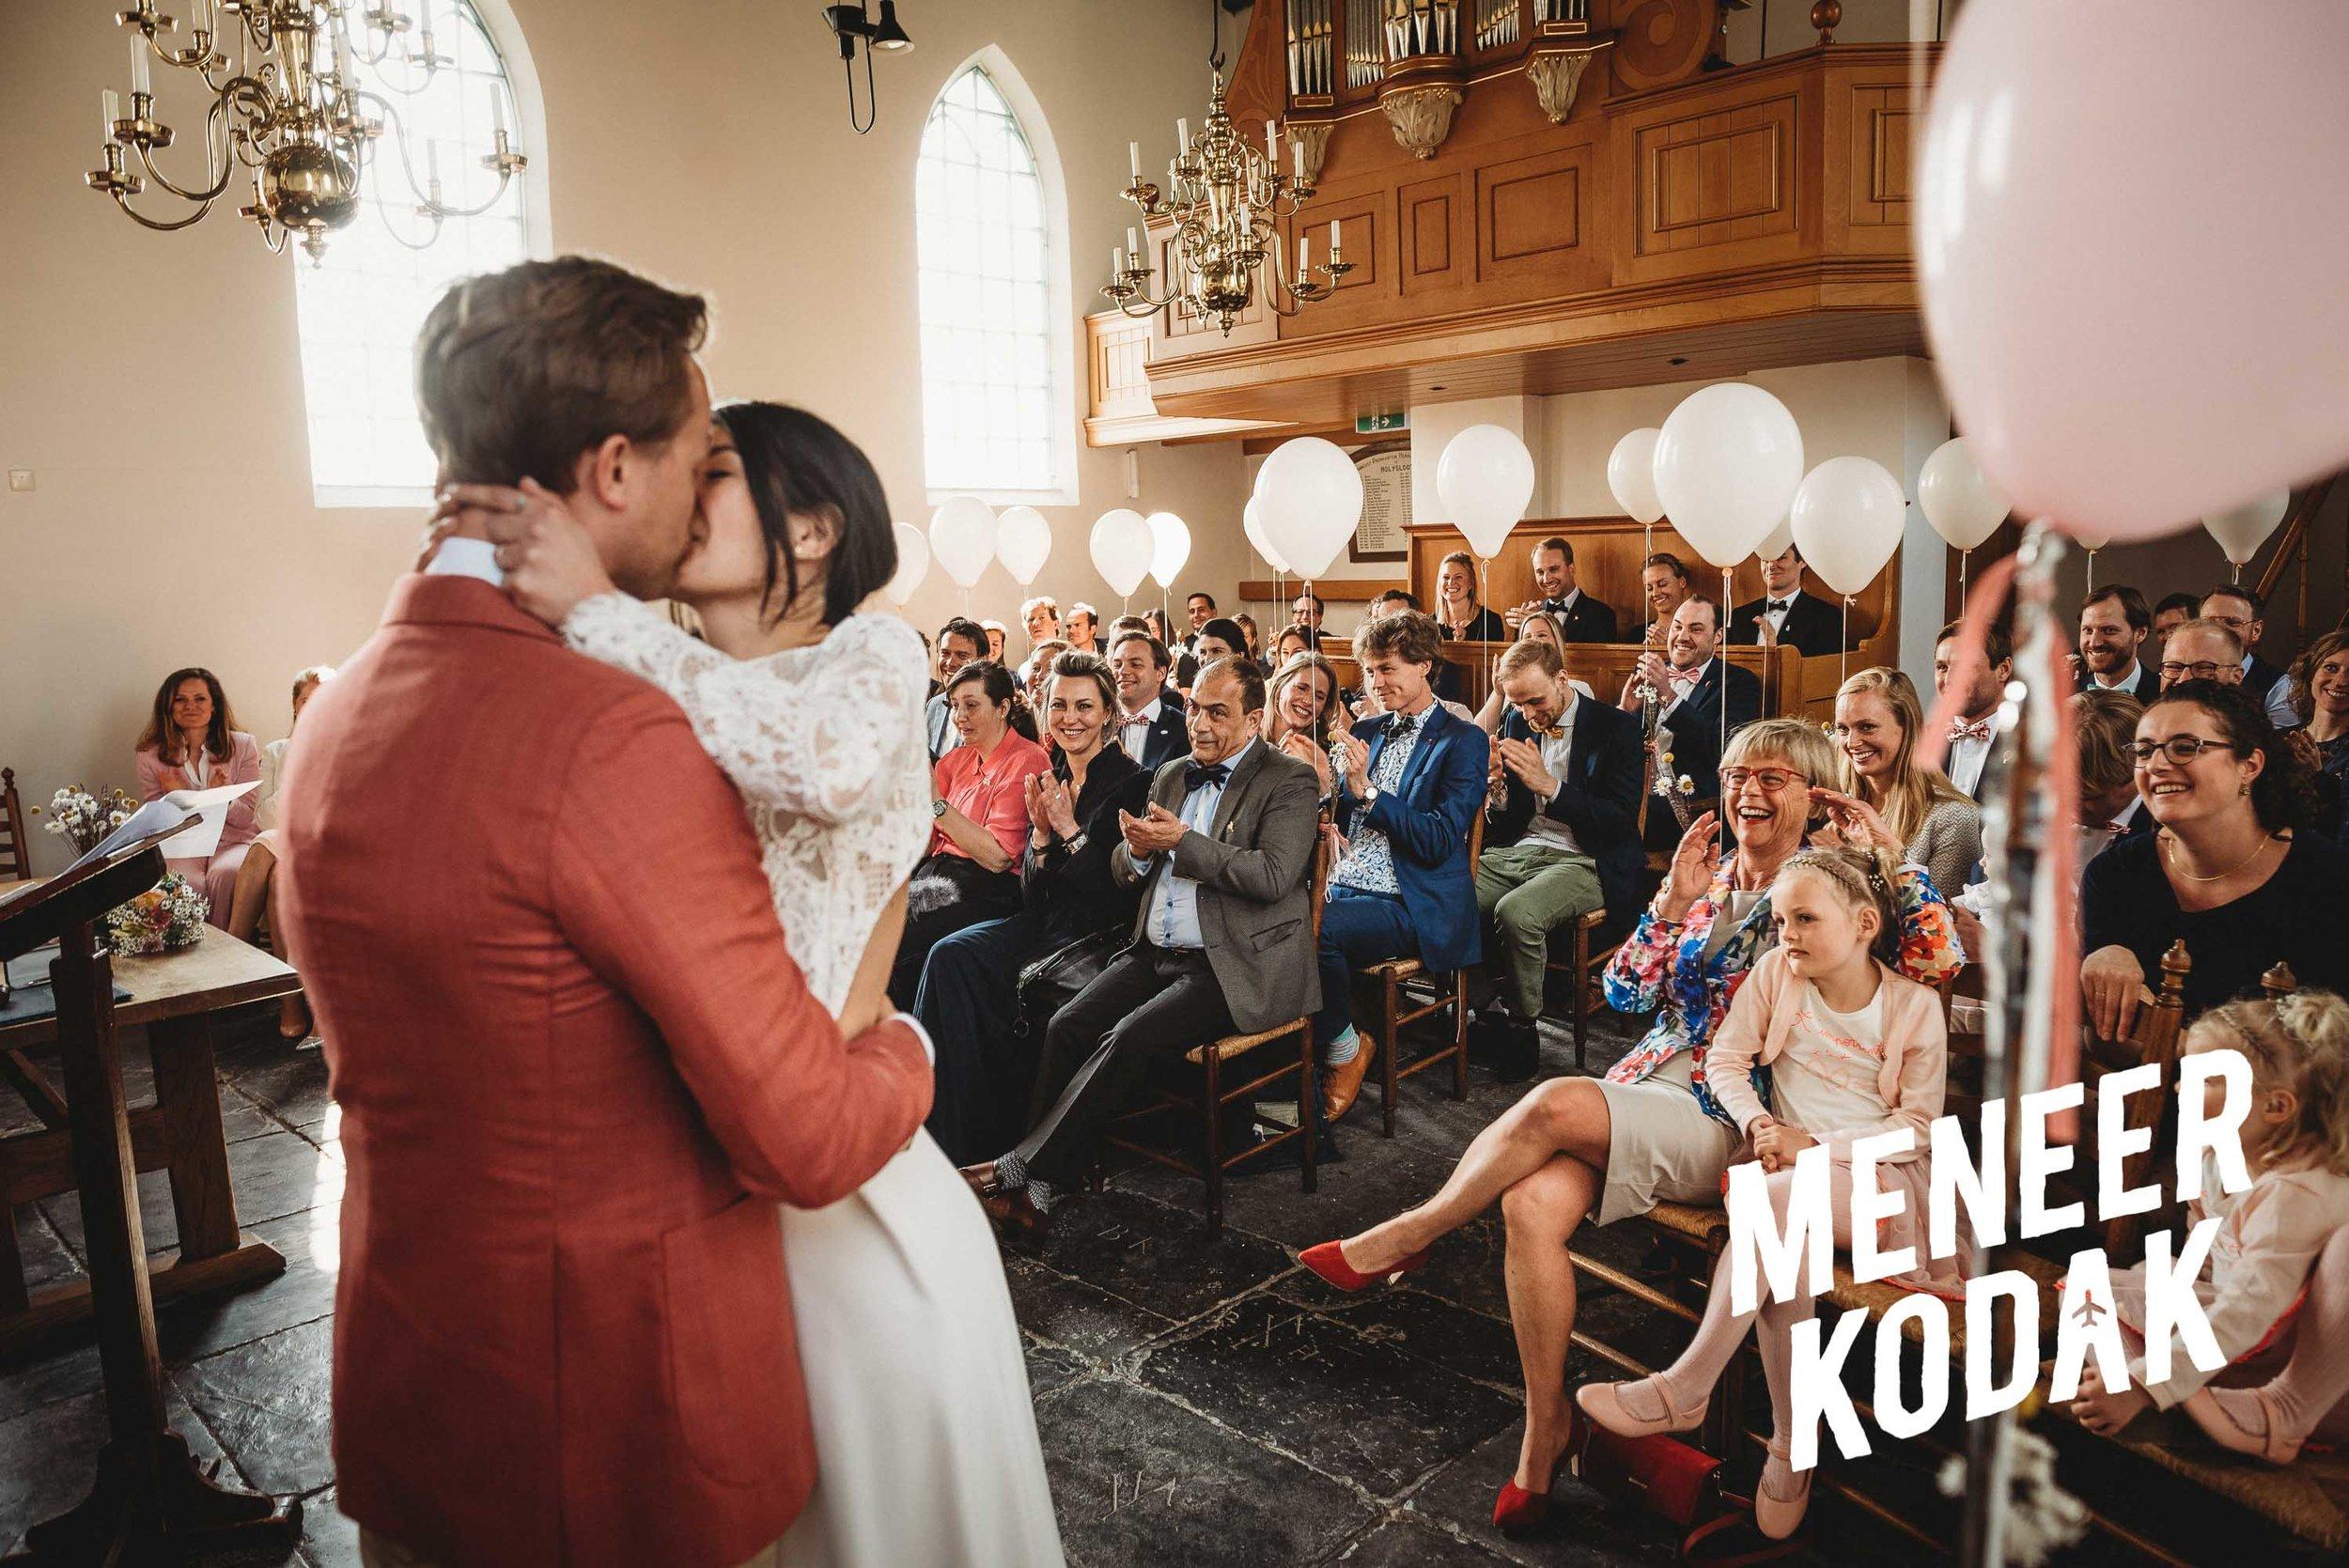 Meneer Kodak - Bruidsfotograaf - Amsterdam - M&J-042.jpg